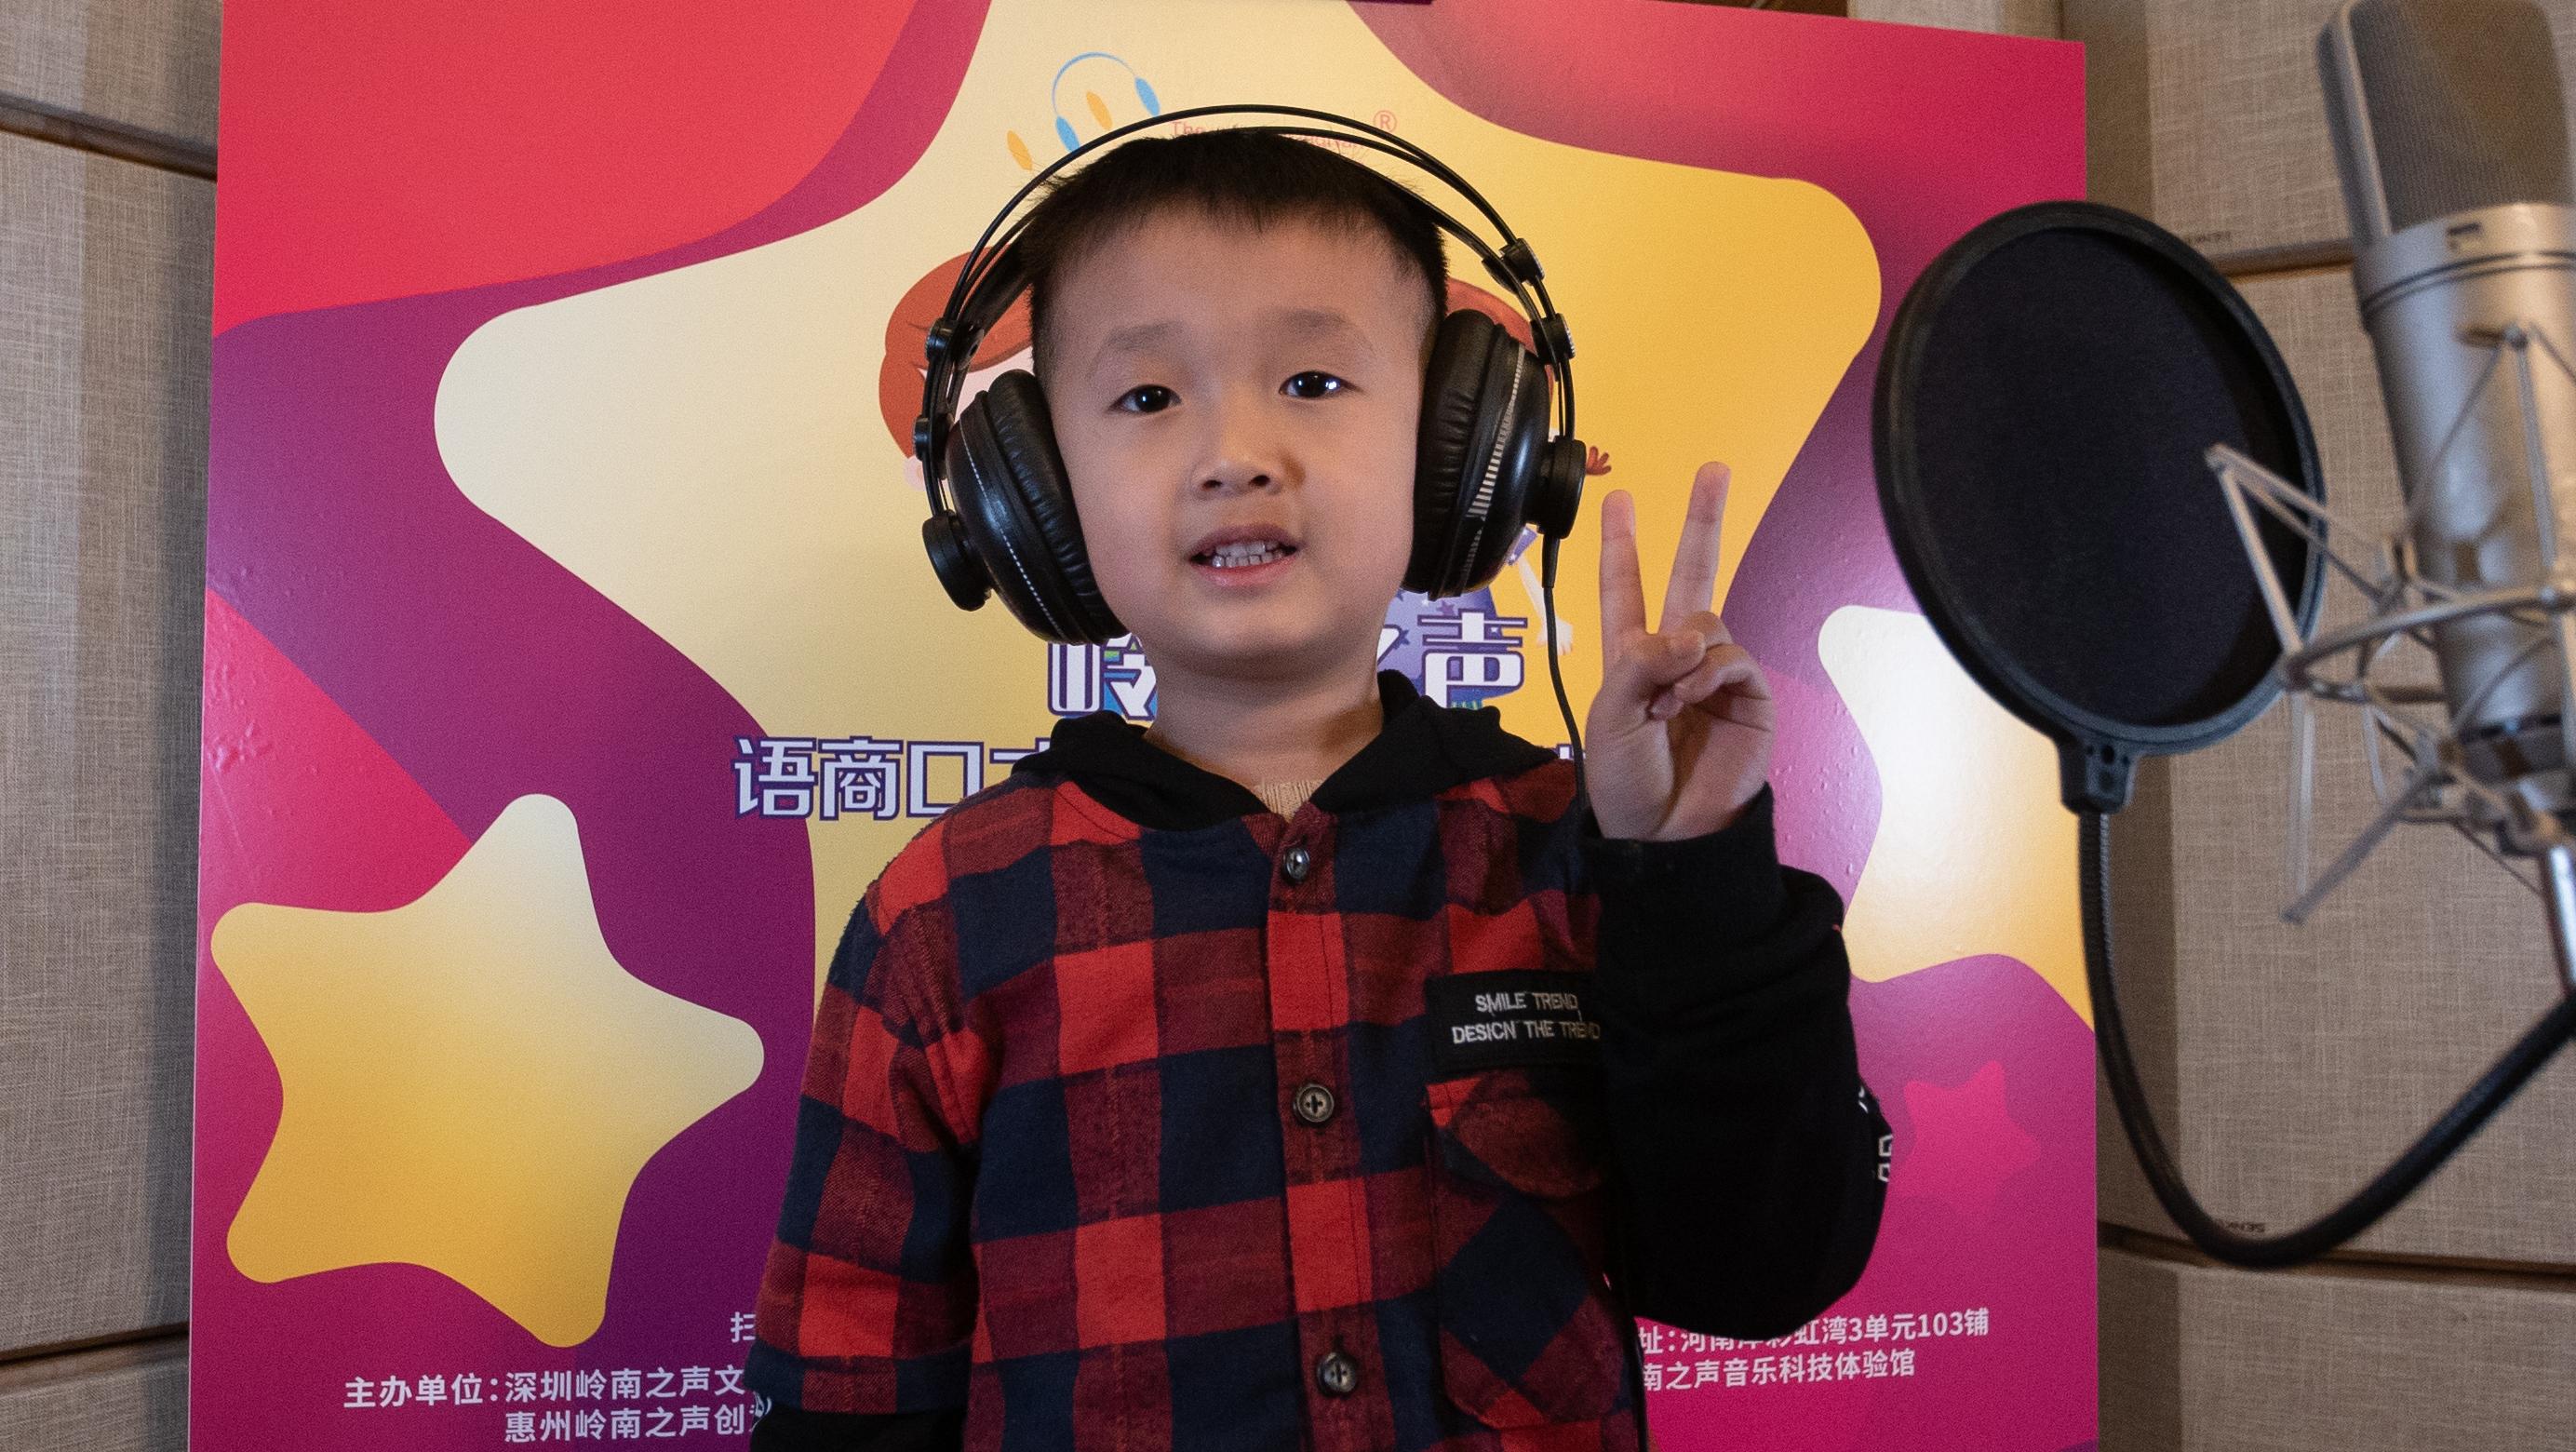 36号参赛小选手吴振豪